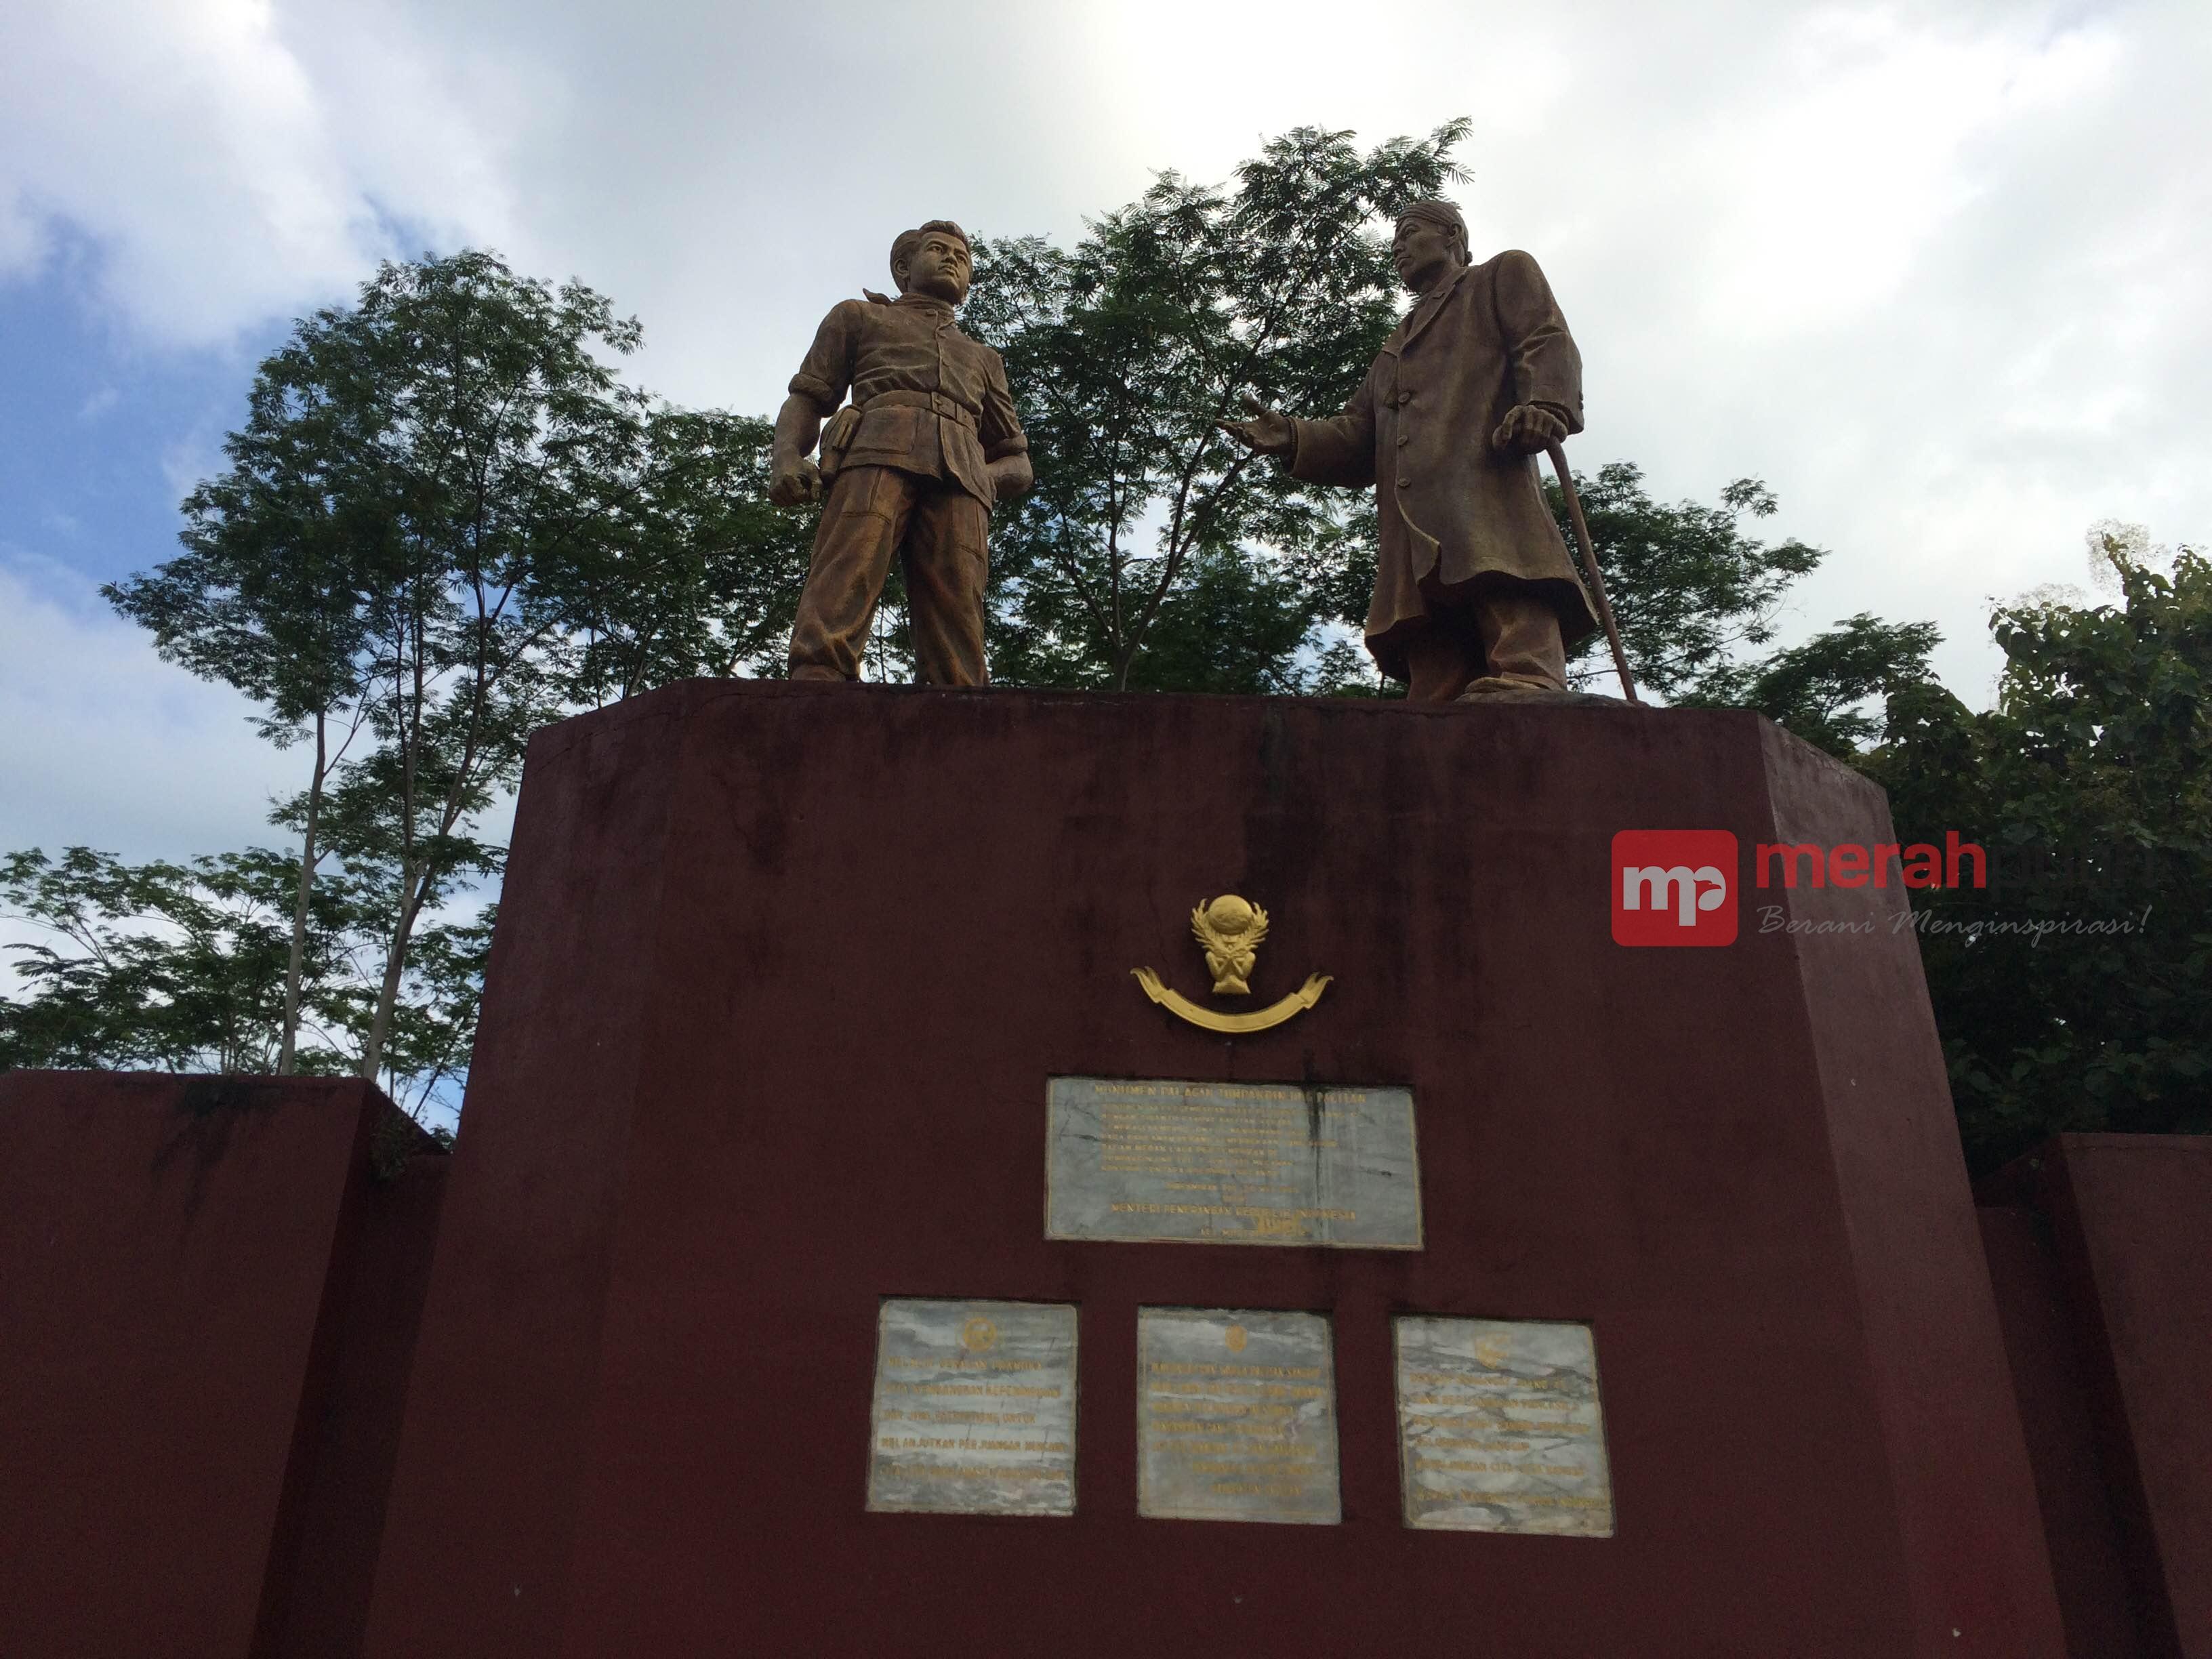 Kisah Balik Monumen Jenderal Soedirman Pacitan Merahputih Kab